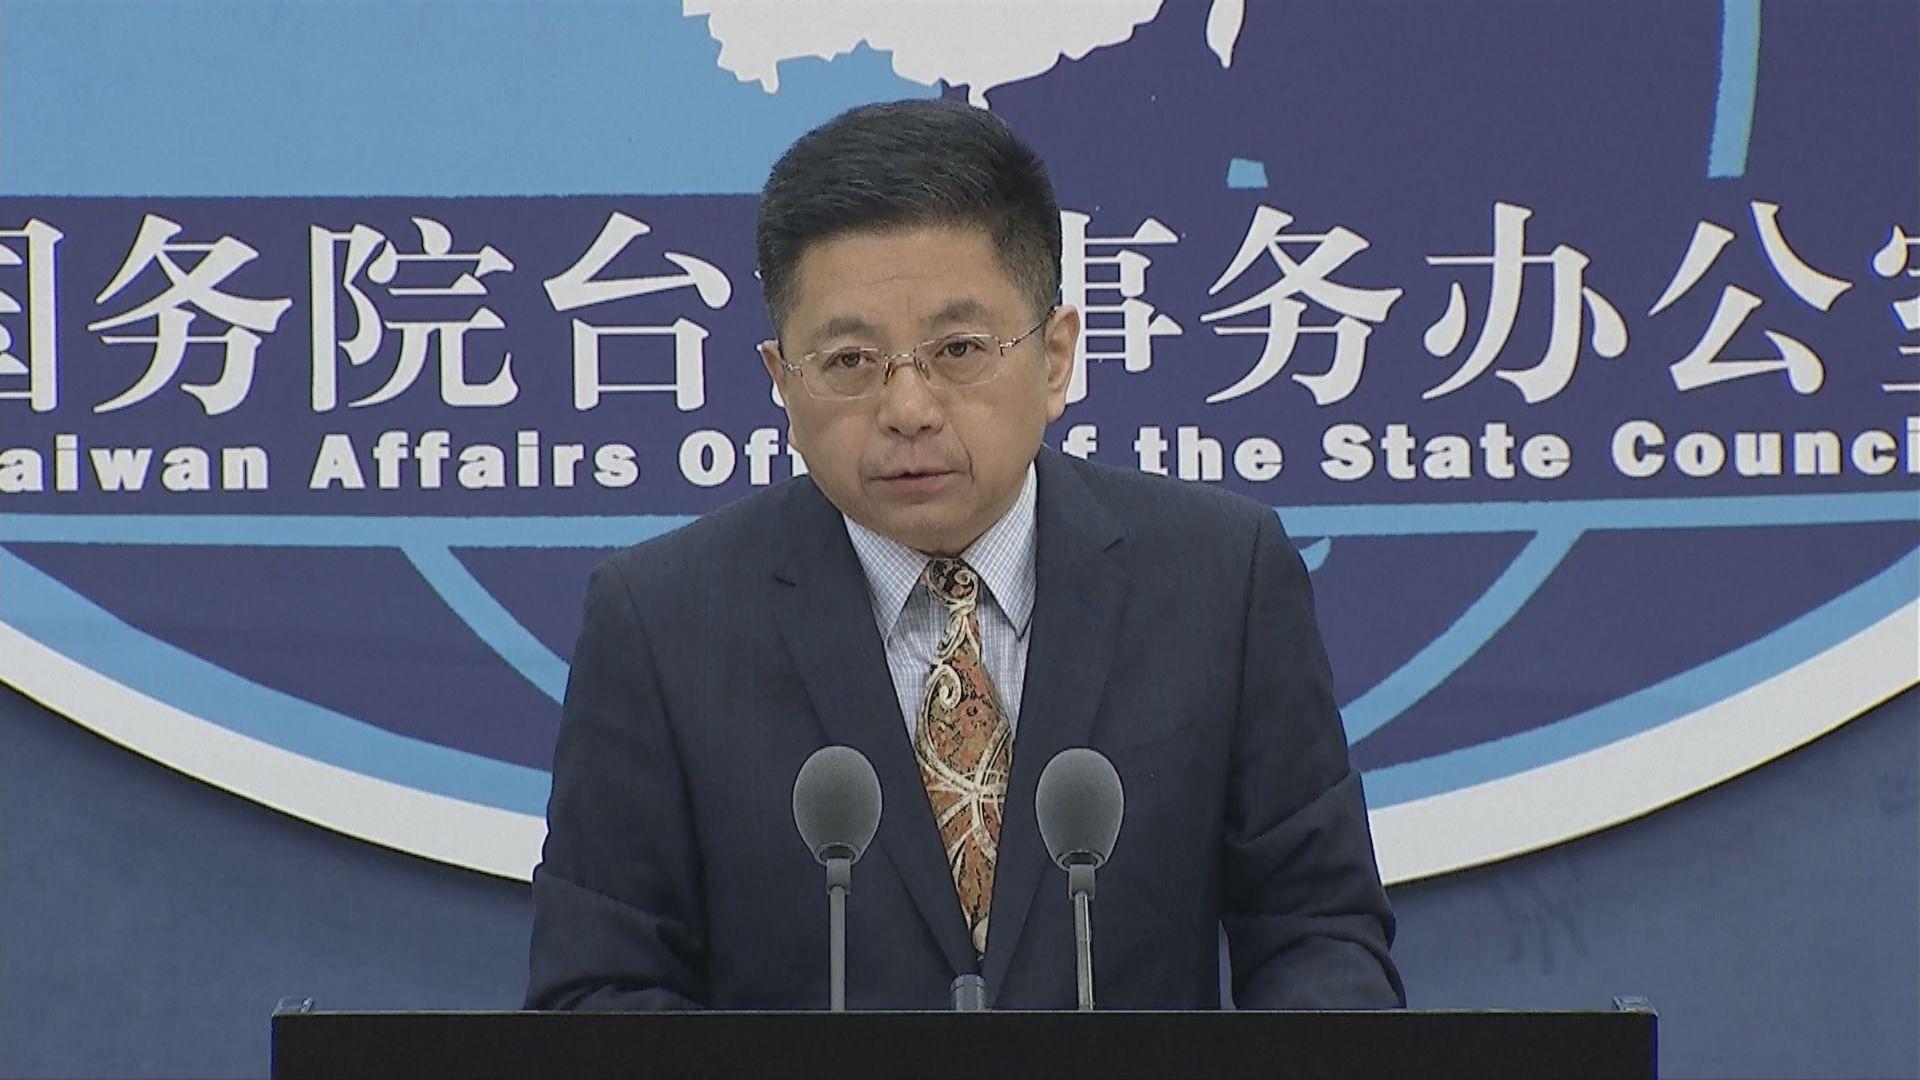 國台辦:民進黨炒作涉台問題謀獨不會得逞